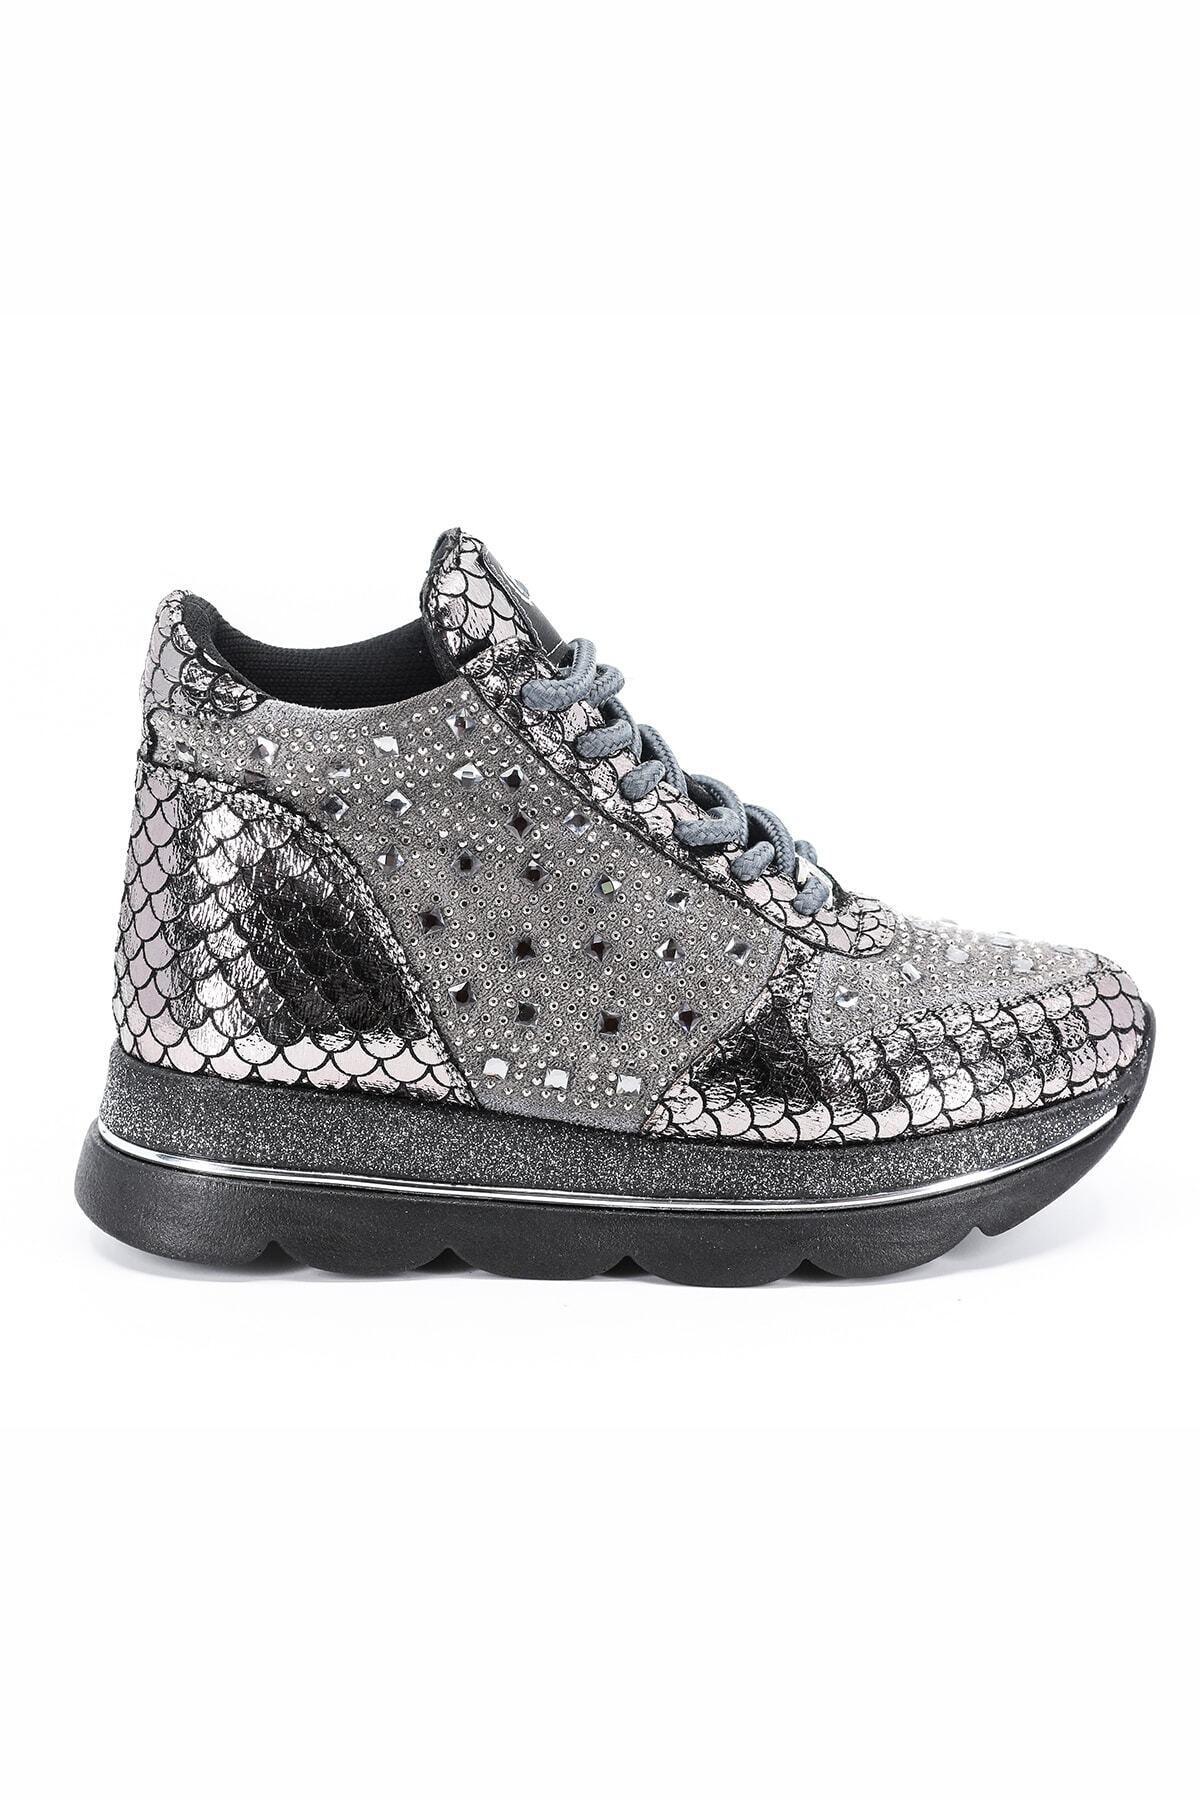 Pierre Cardin Kadın Gümüş Kalın Taban Sneaker 2